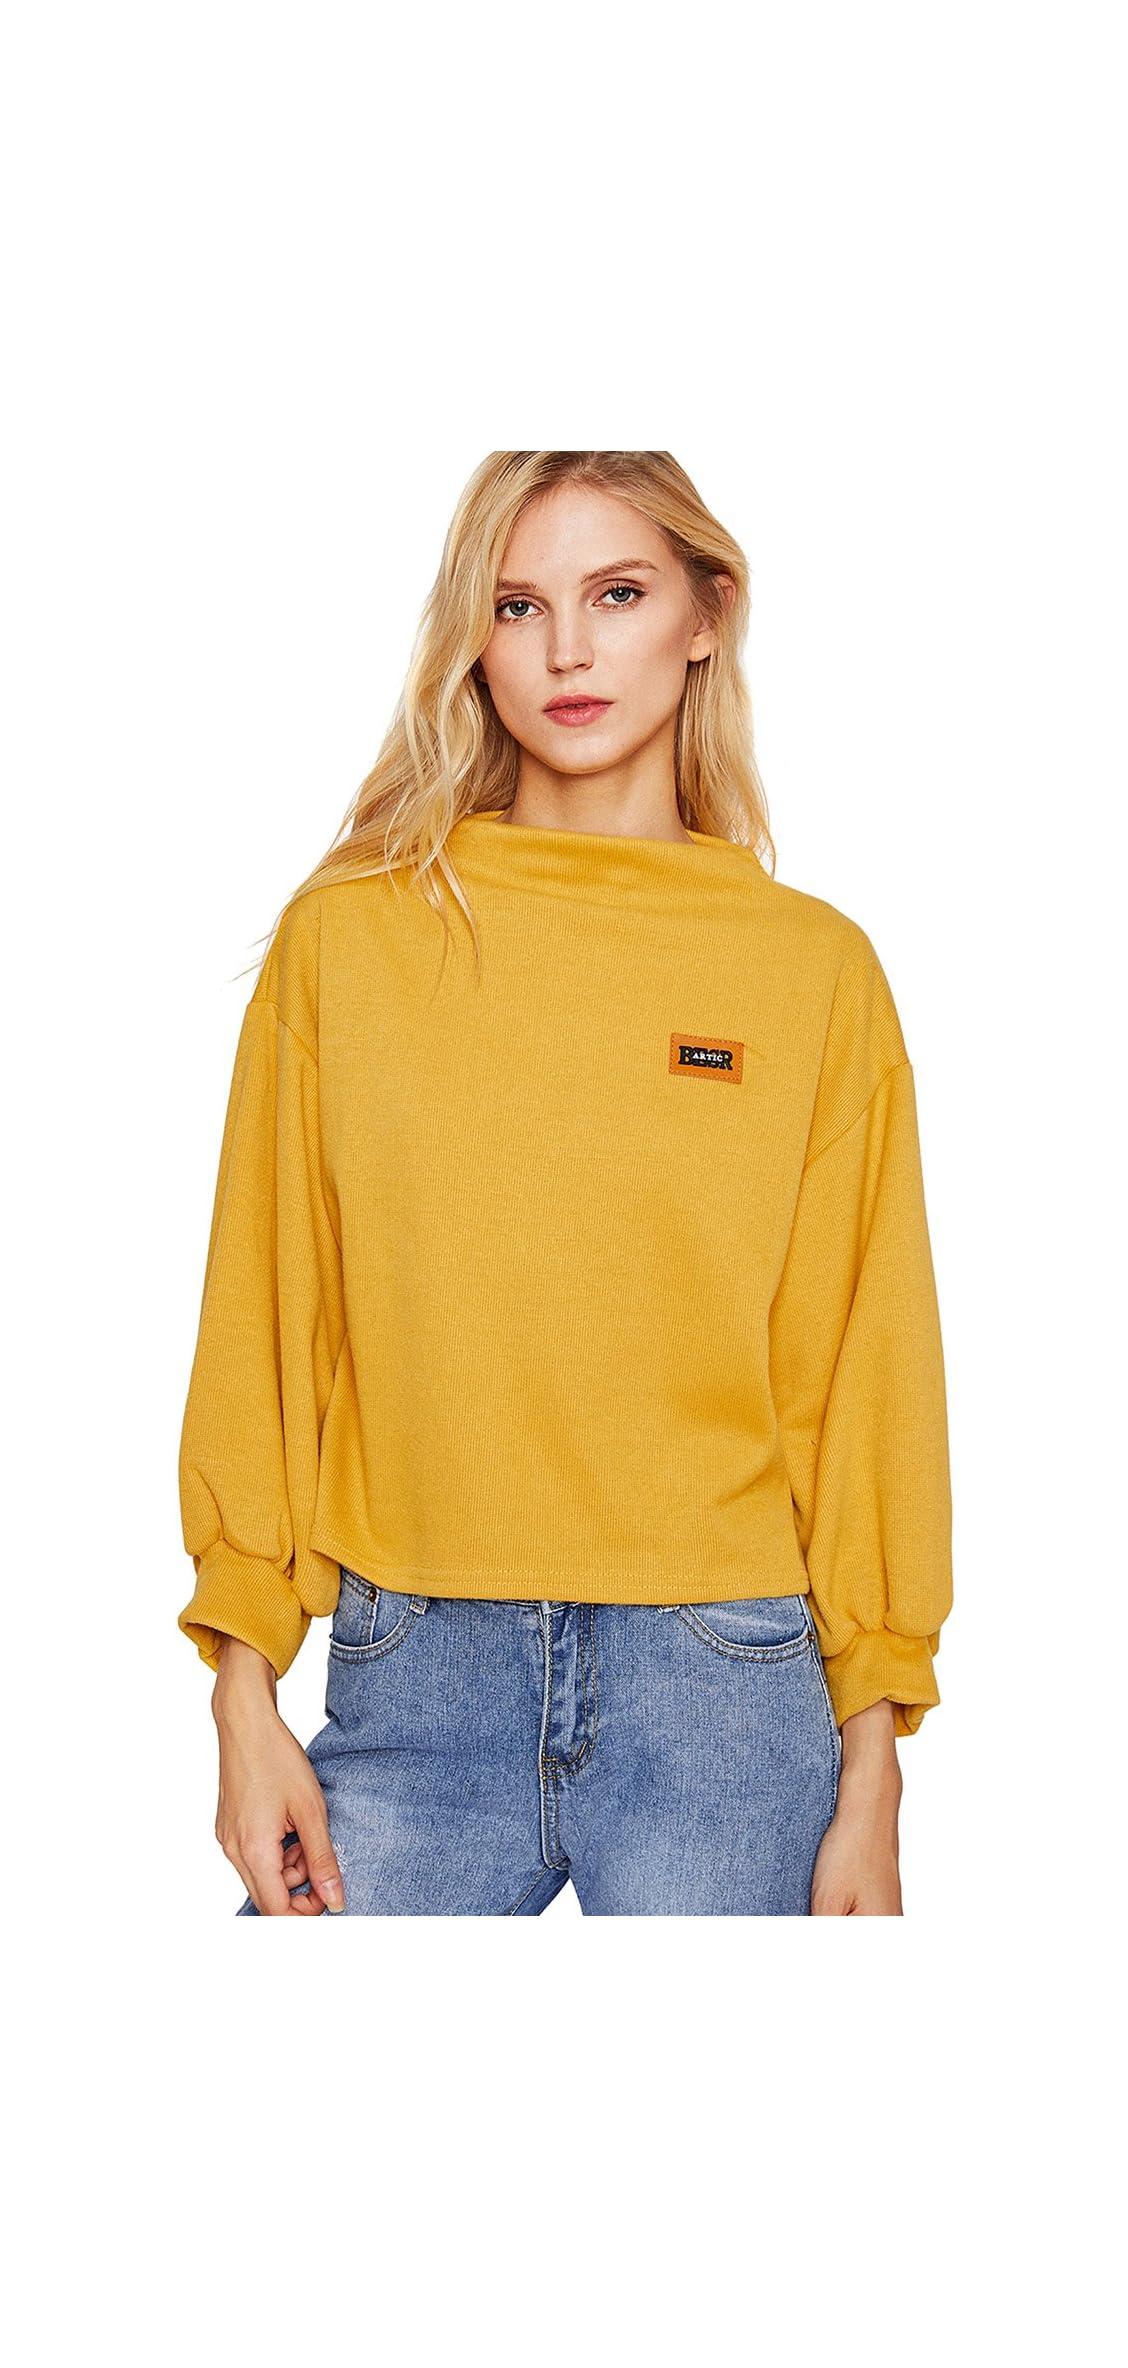 Women's Sweatshirt Long Sleeve Patch Blouse Loose One